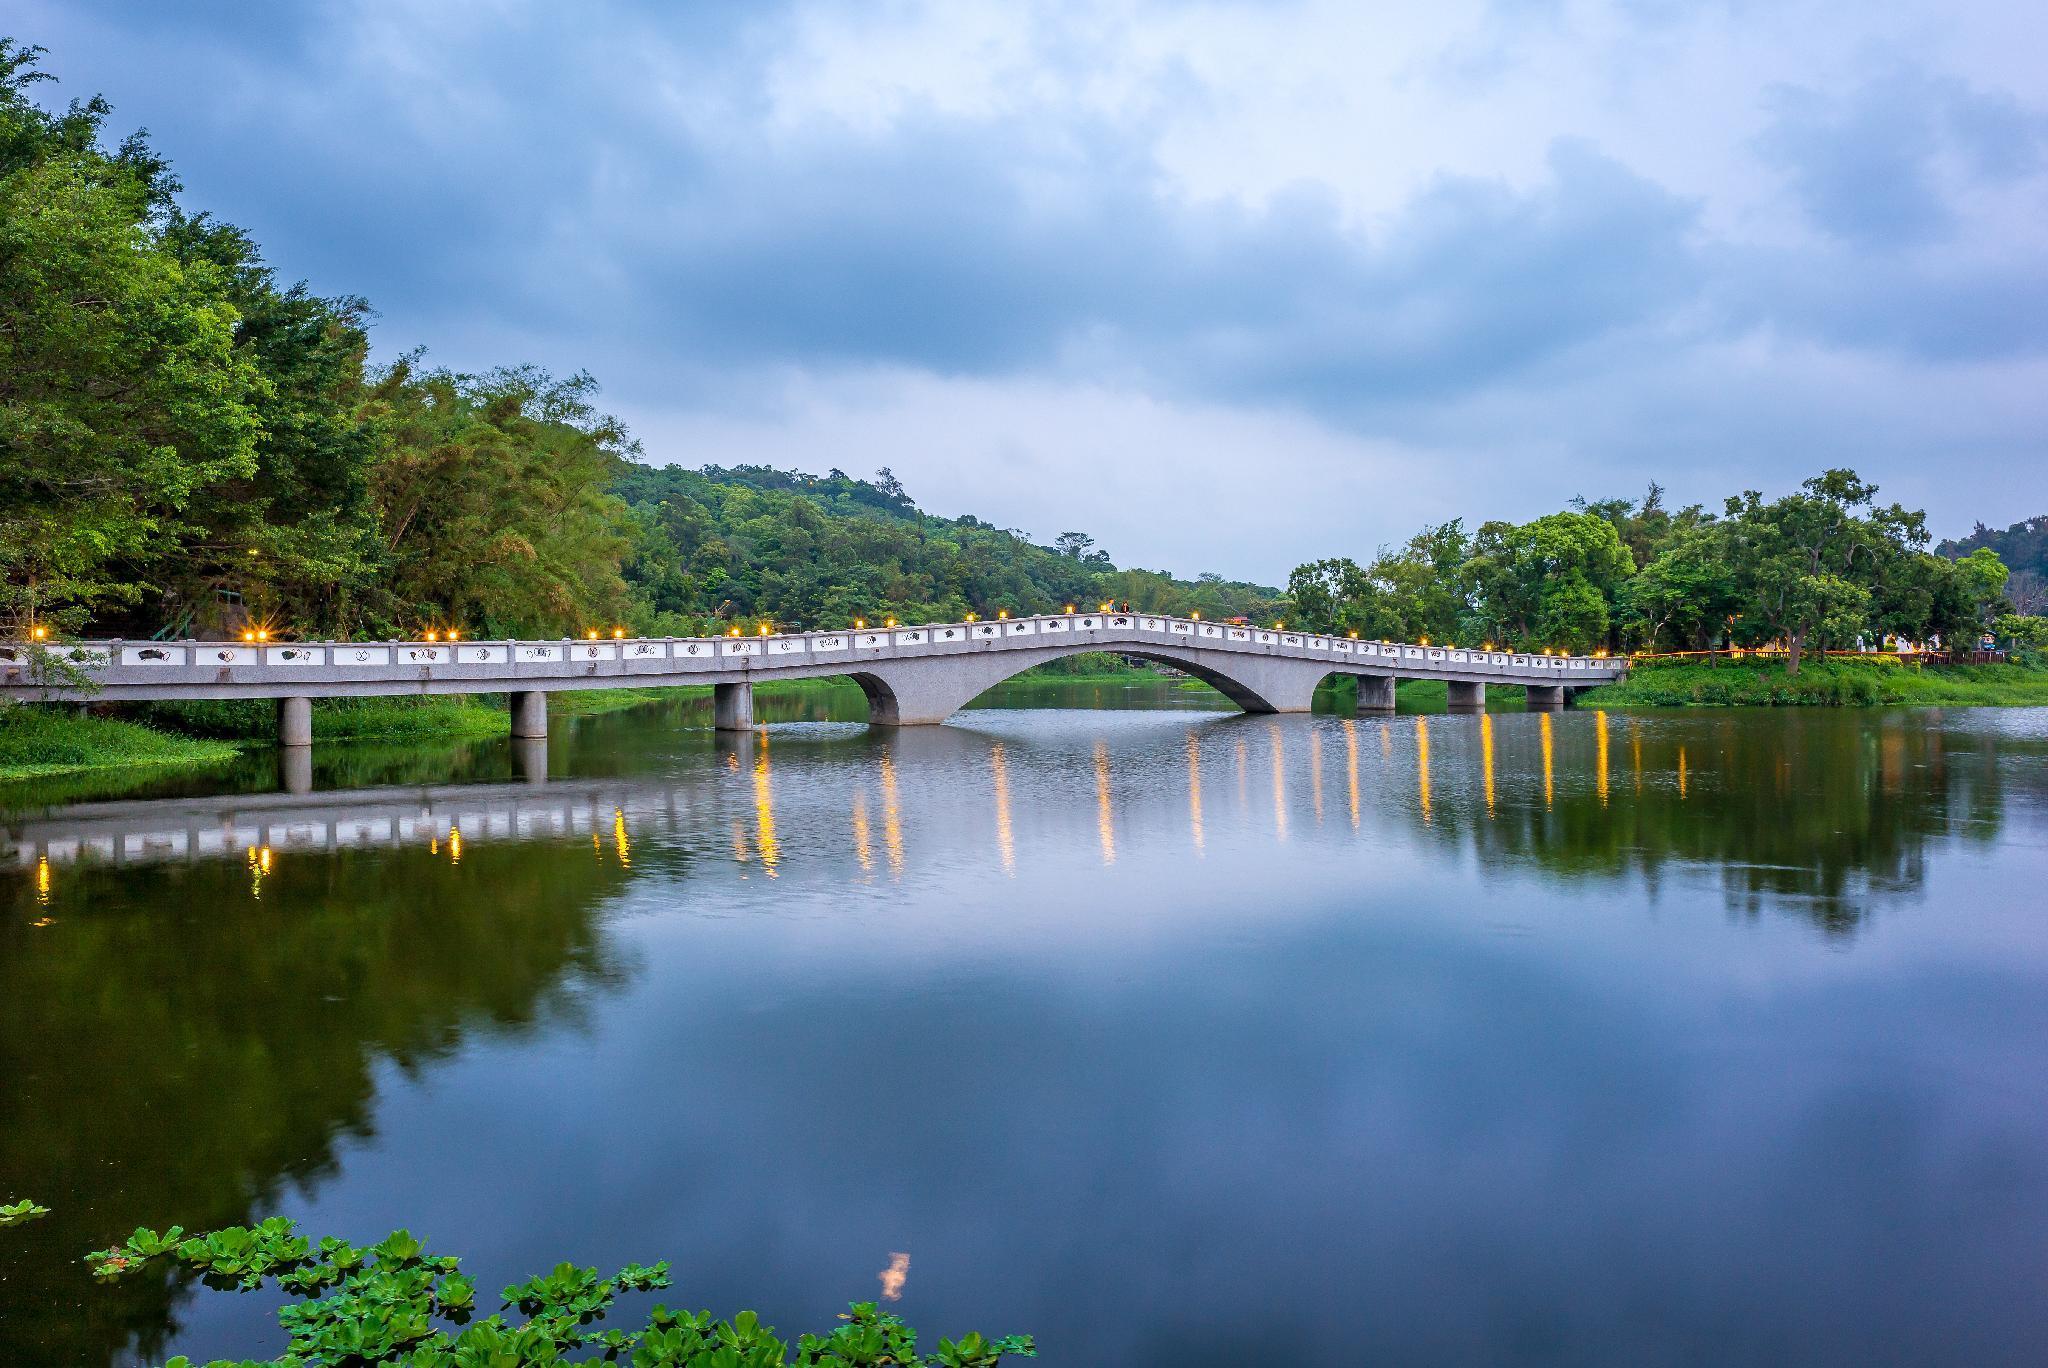 Xinshe Hotel Hsinchu, Hsinchu County